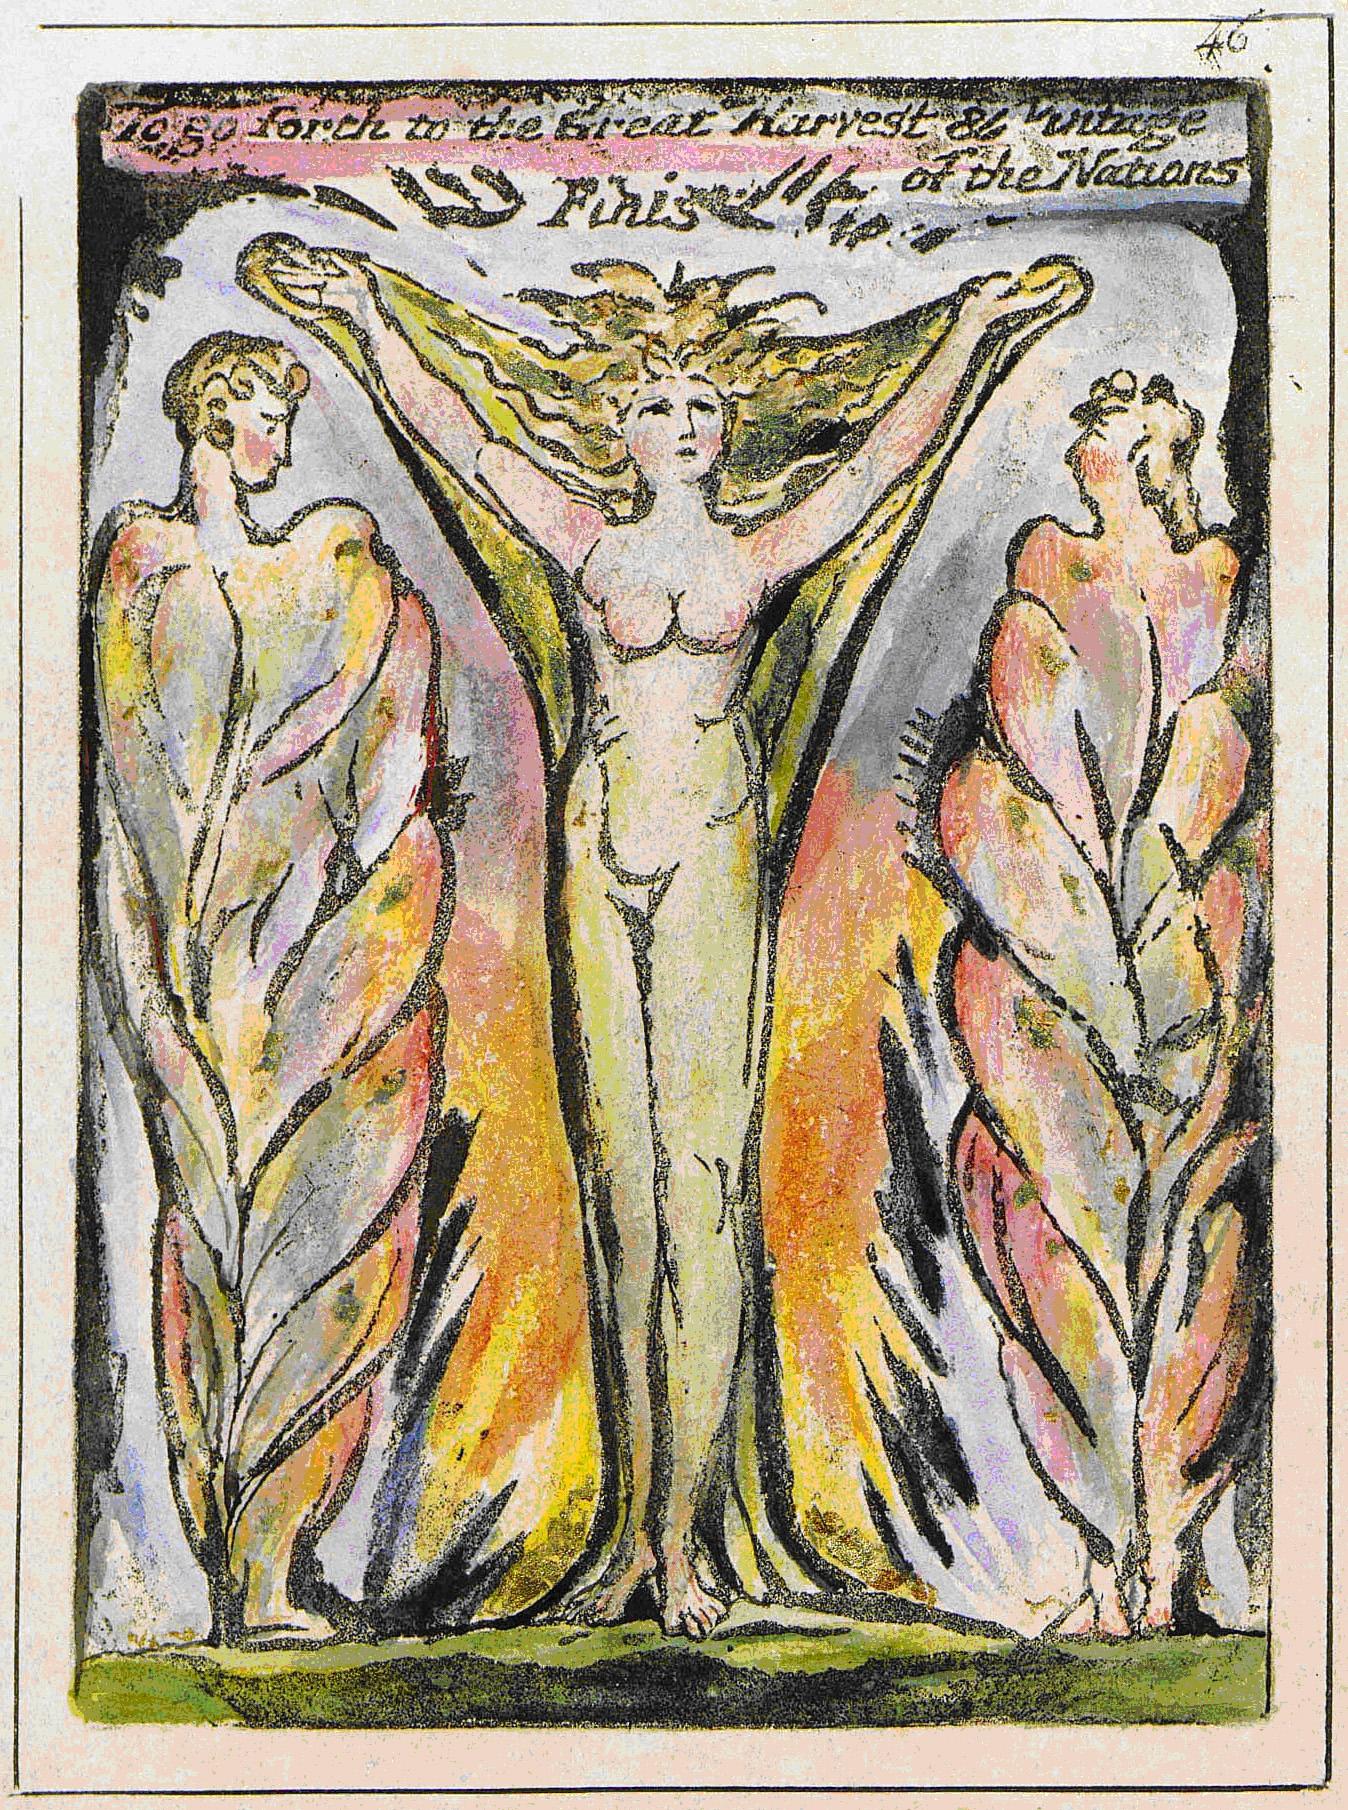 Blakes Darstellung von Jerusalem als Frau, Milton a Poem, ca. 1804–1811